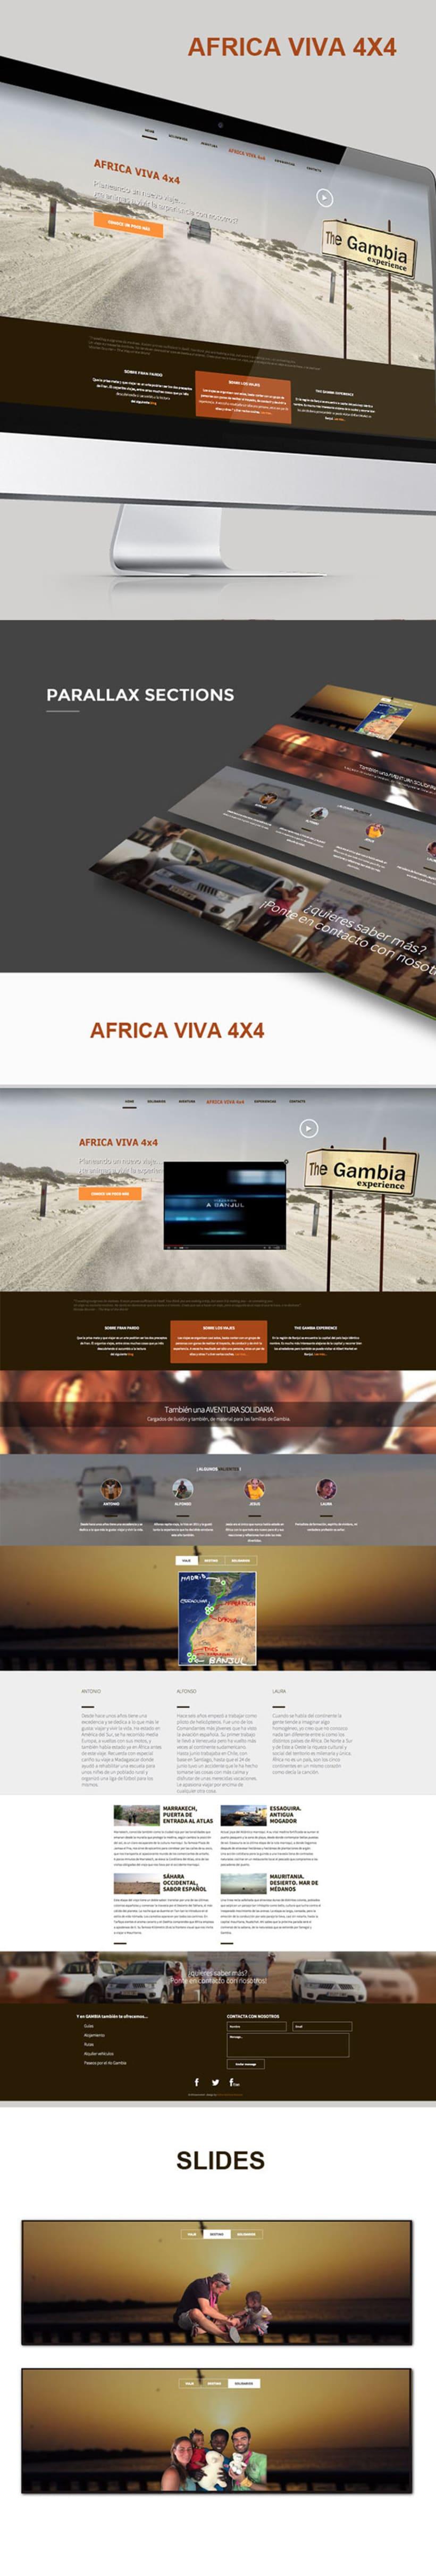 Web - AFRICA VIVA 4X4 - SLIDES -1